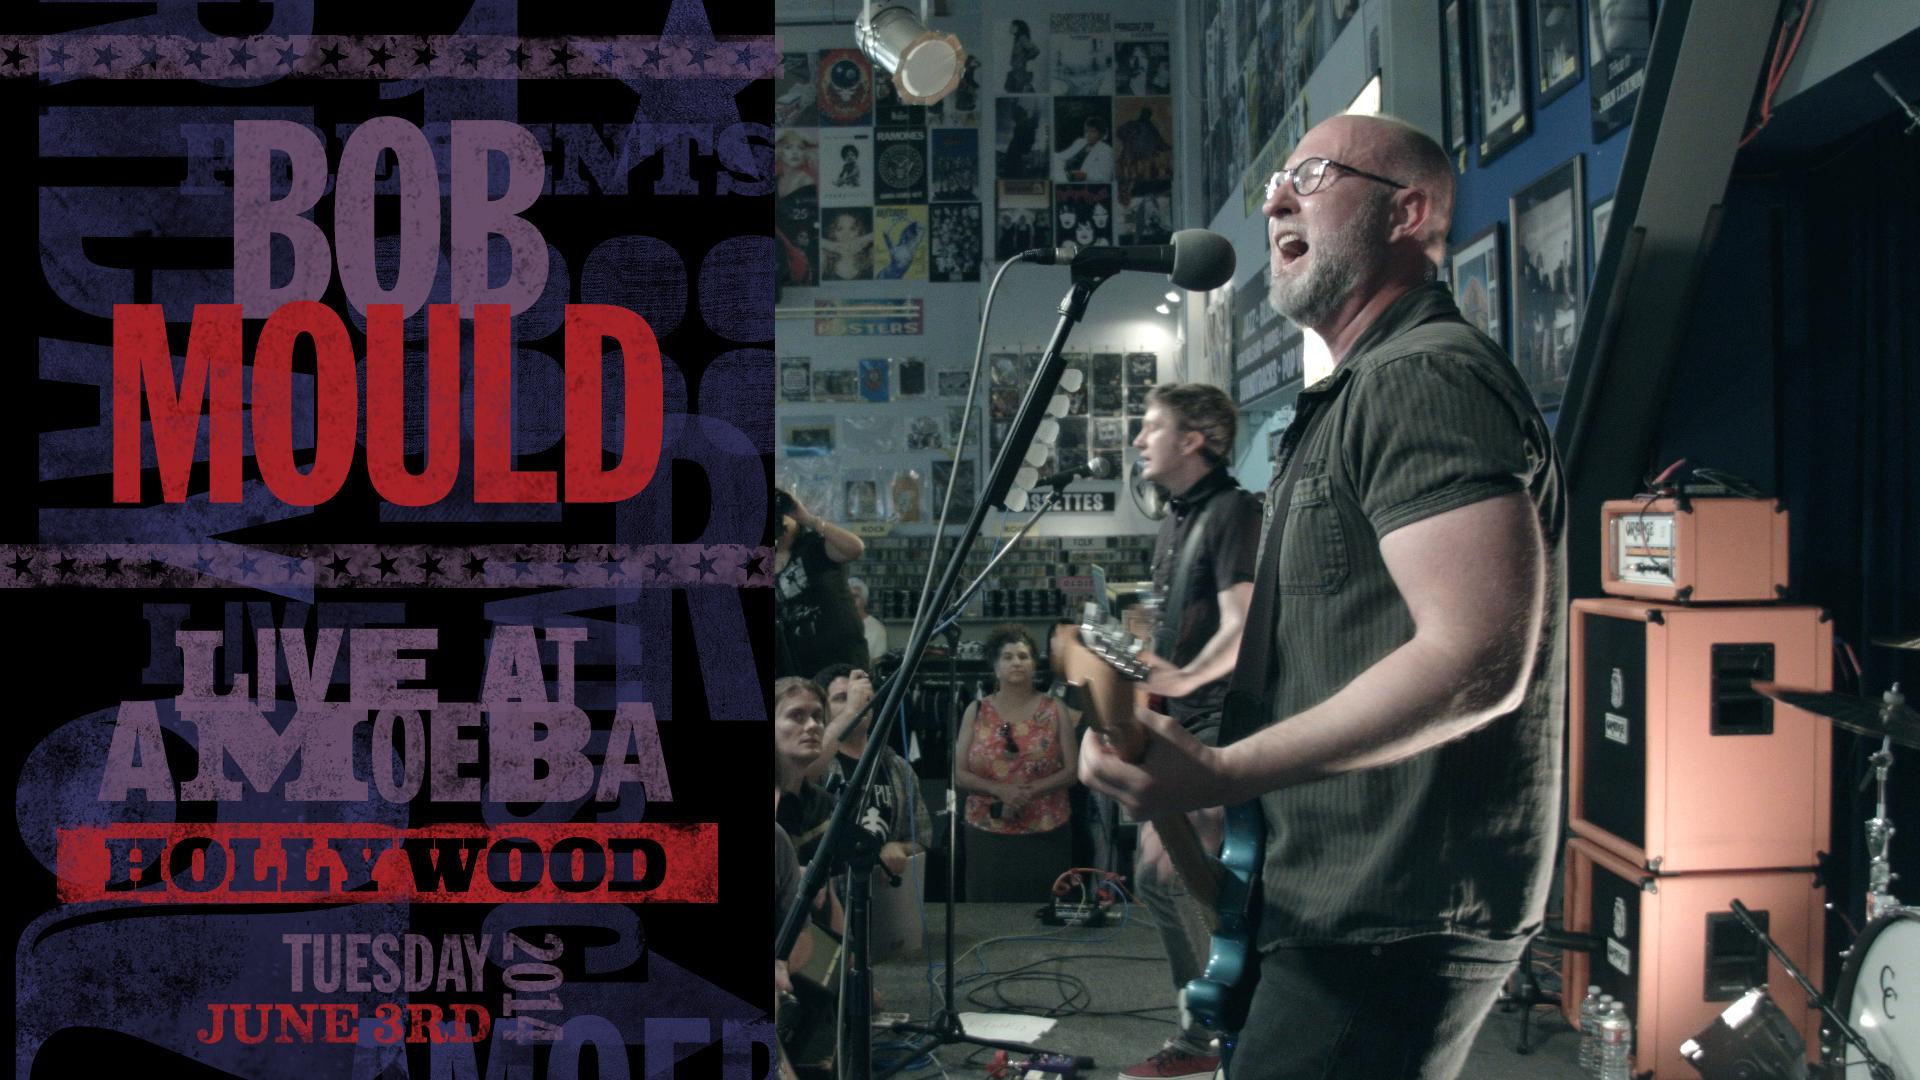 Bob Mould - June 3rd, 2014 Live At Amoeba Hollywood